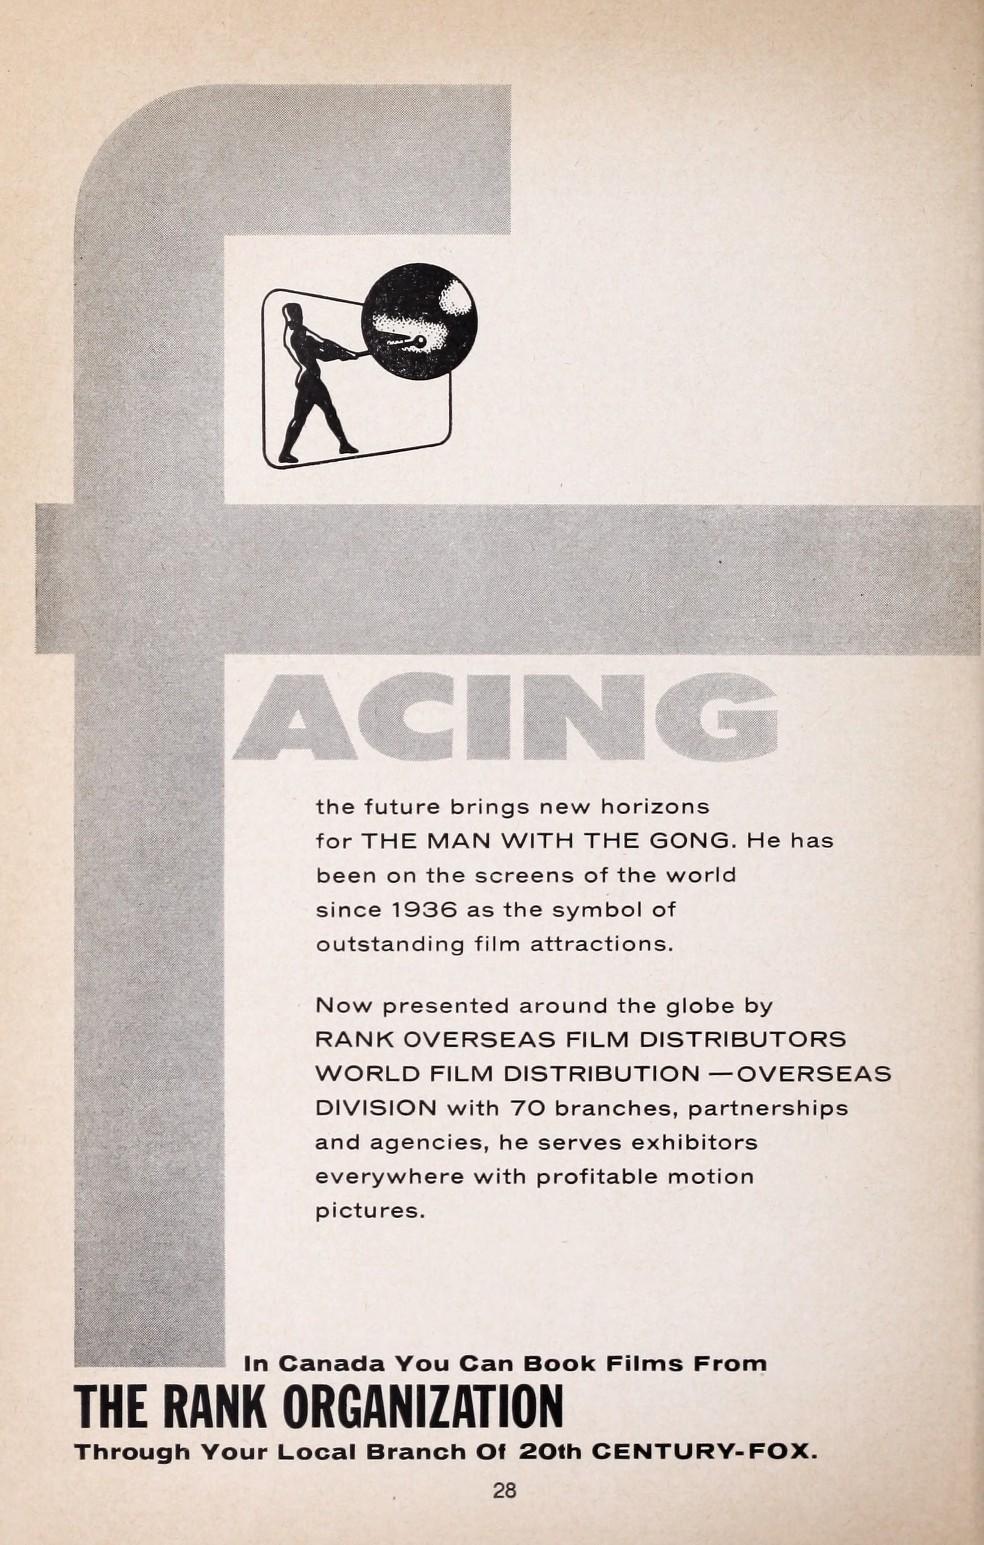 196364yearbookca00film_jp2.zip&file=196364yearbookca00film_jp2%2f196364yearbookca00film_0030